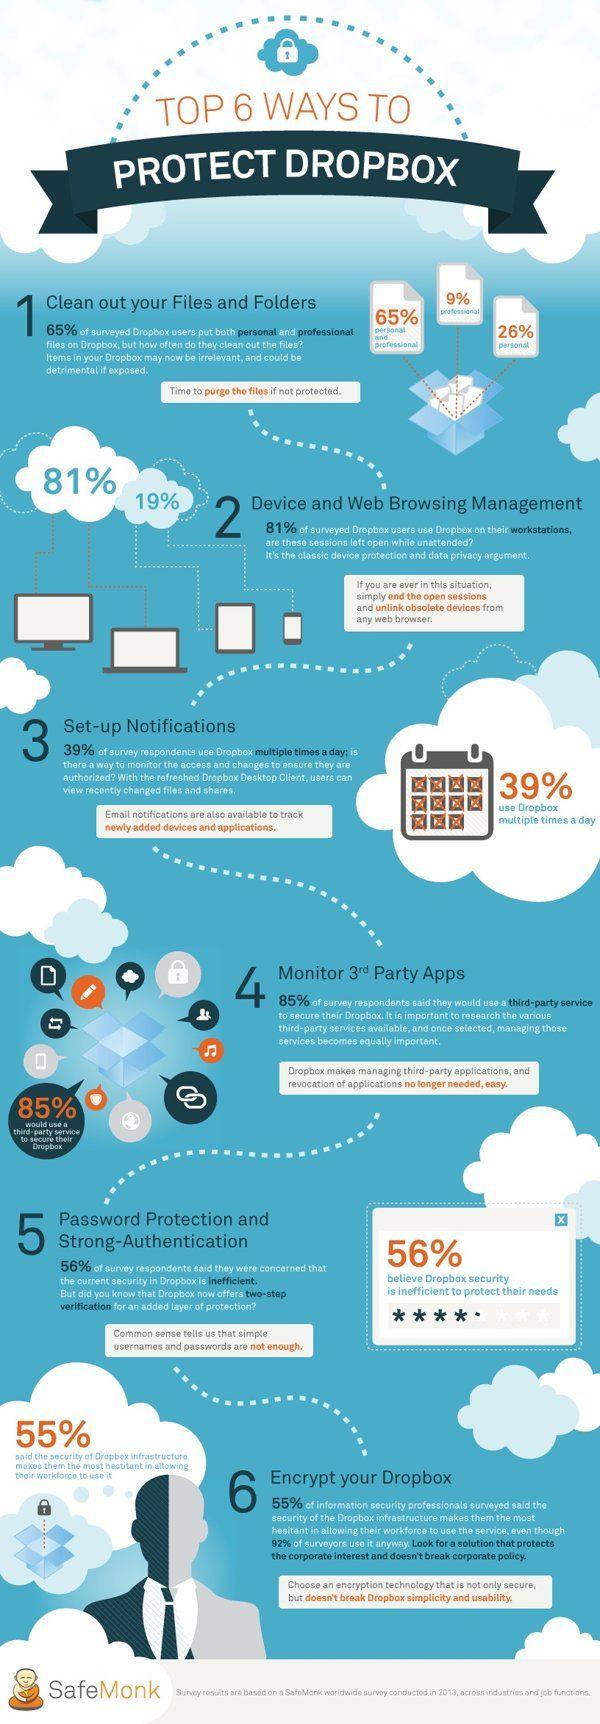 6 ideas para aumentar la seguridad de tu Dropbox [Infografía] Por Juan David Quiñónez en Dropbox